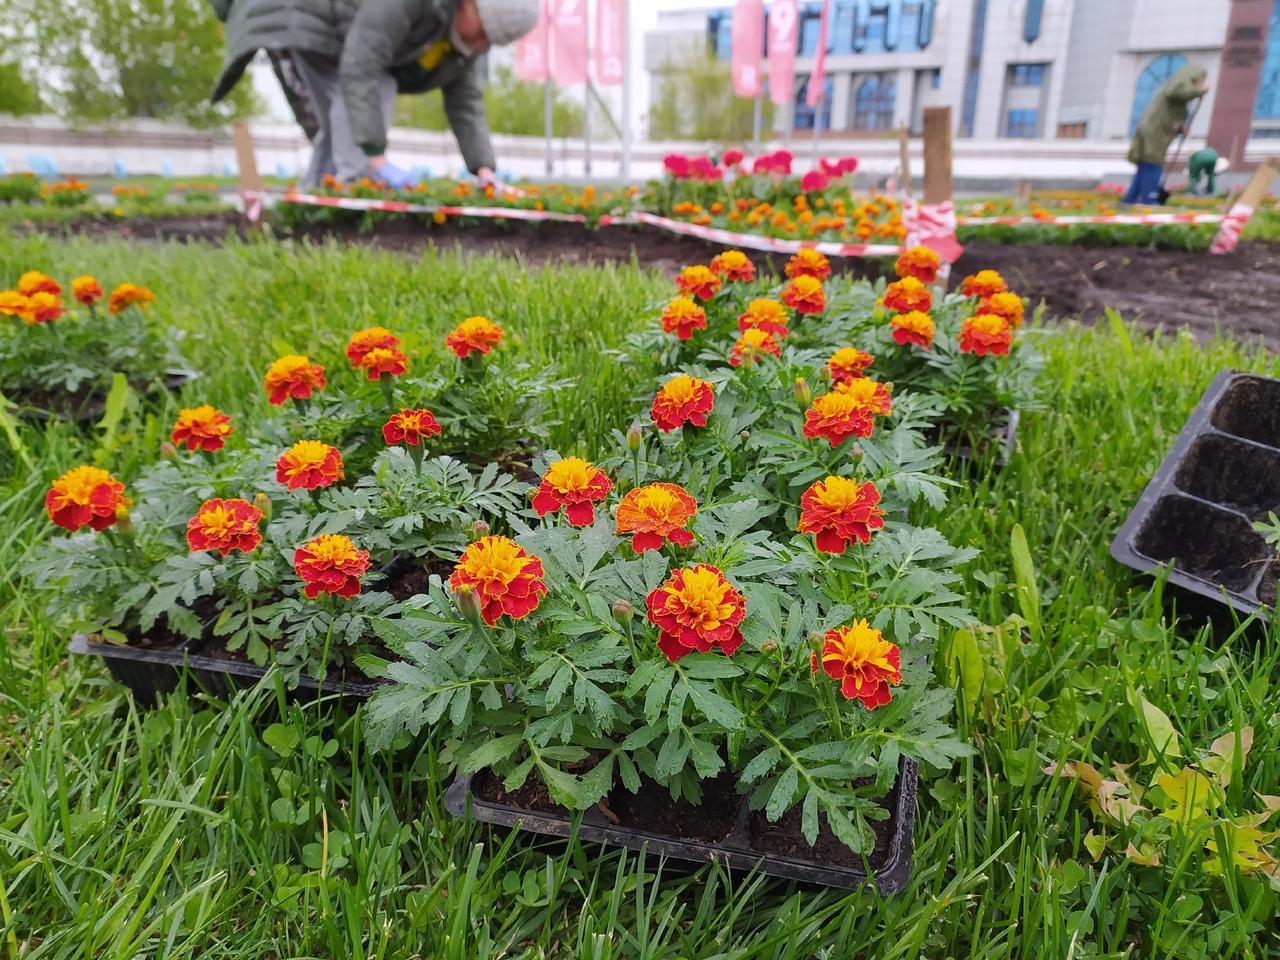 Фото В Новосибирске начали высаживать цветы на клумбах 2